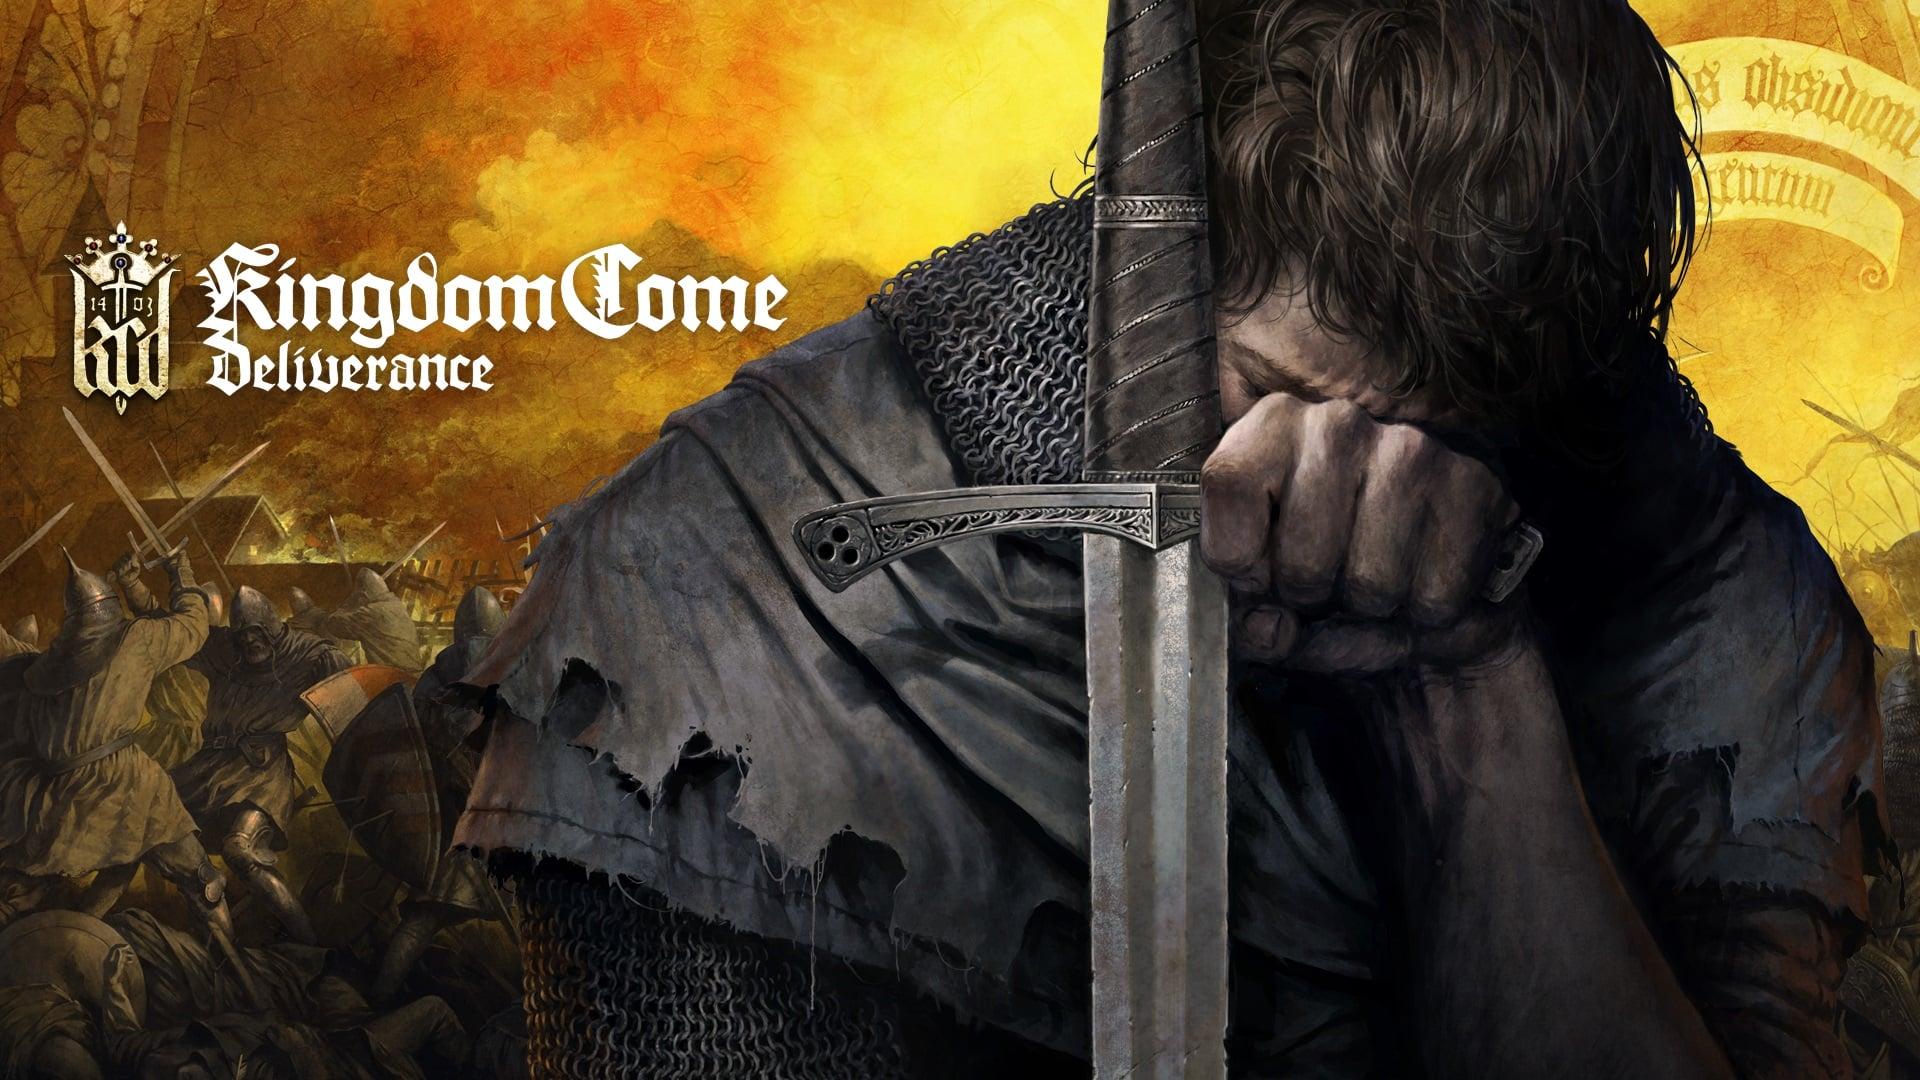 Kingdom Come: Deliverance Achievements